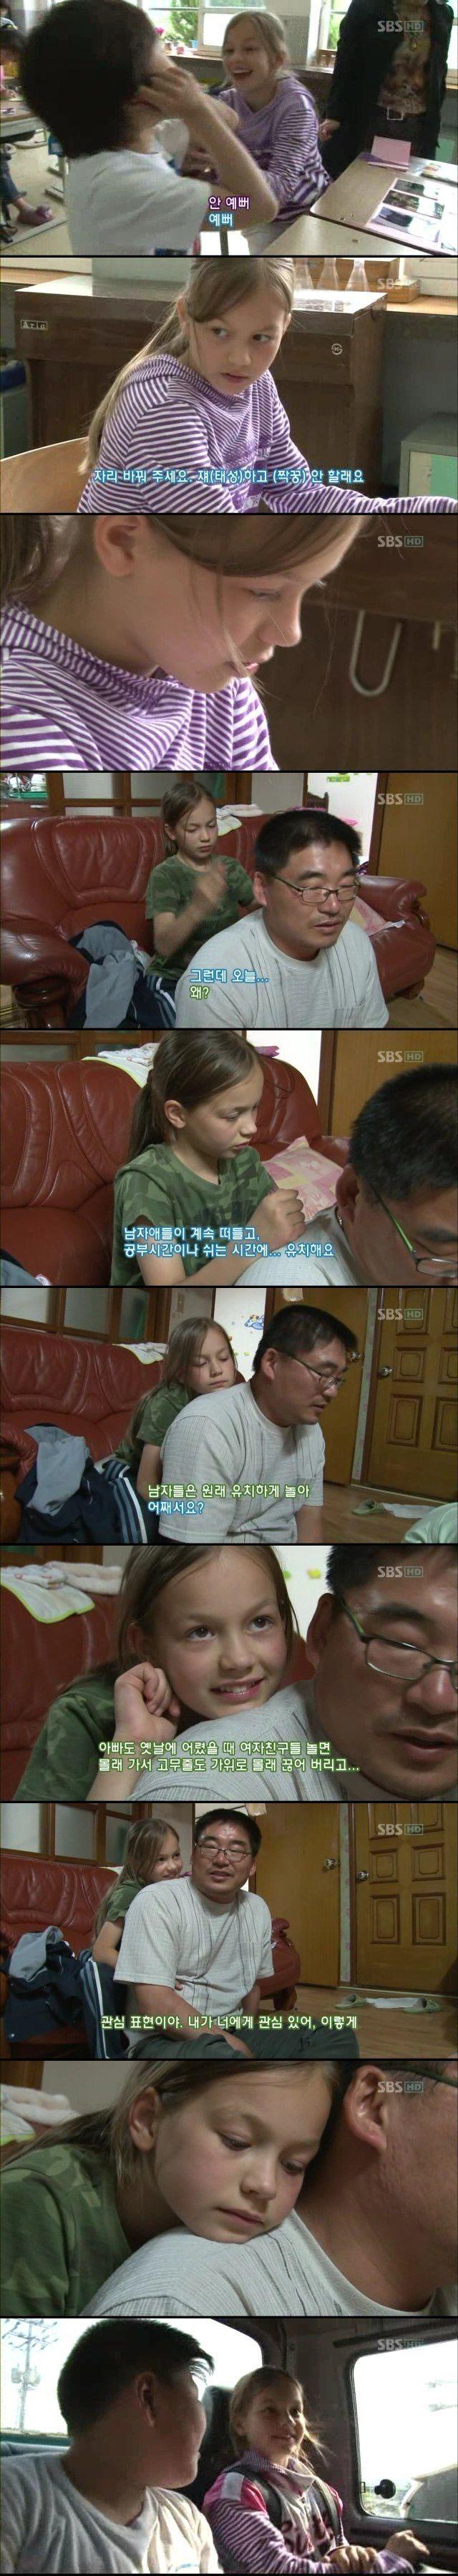 ロシア人と韓国人のハーフの女の子が美少女すぎる